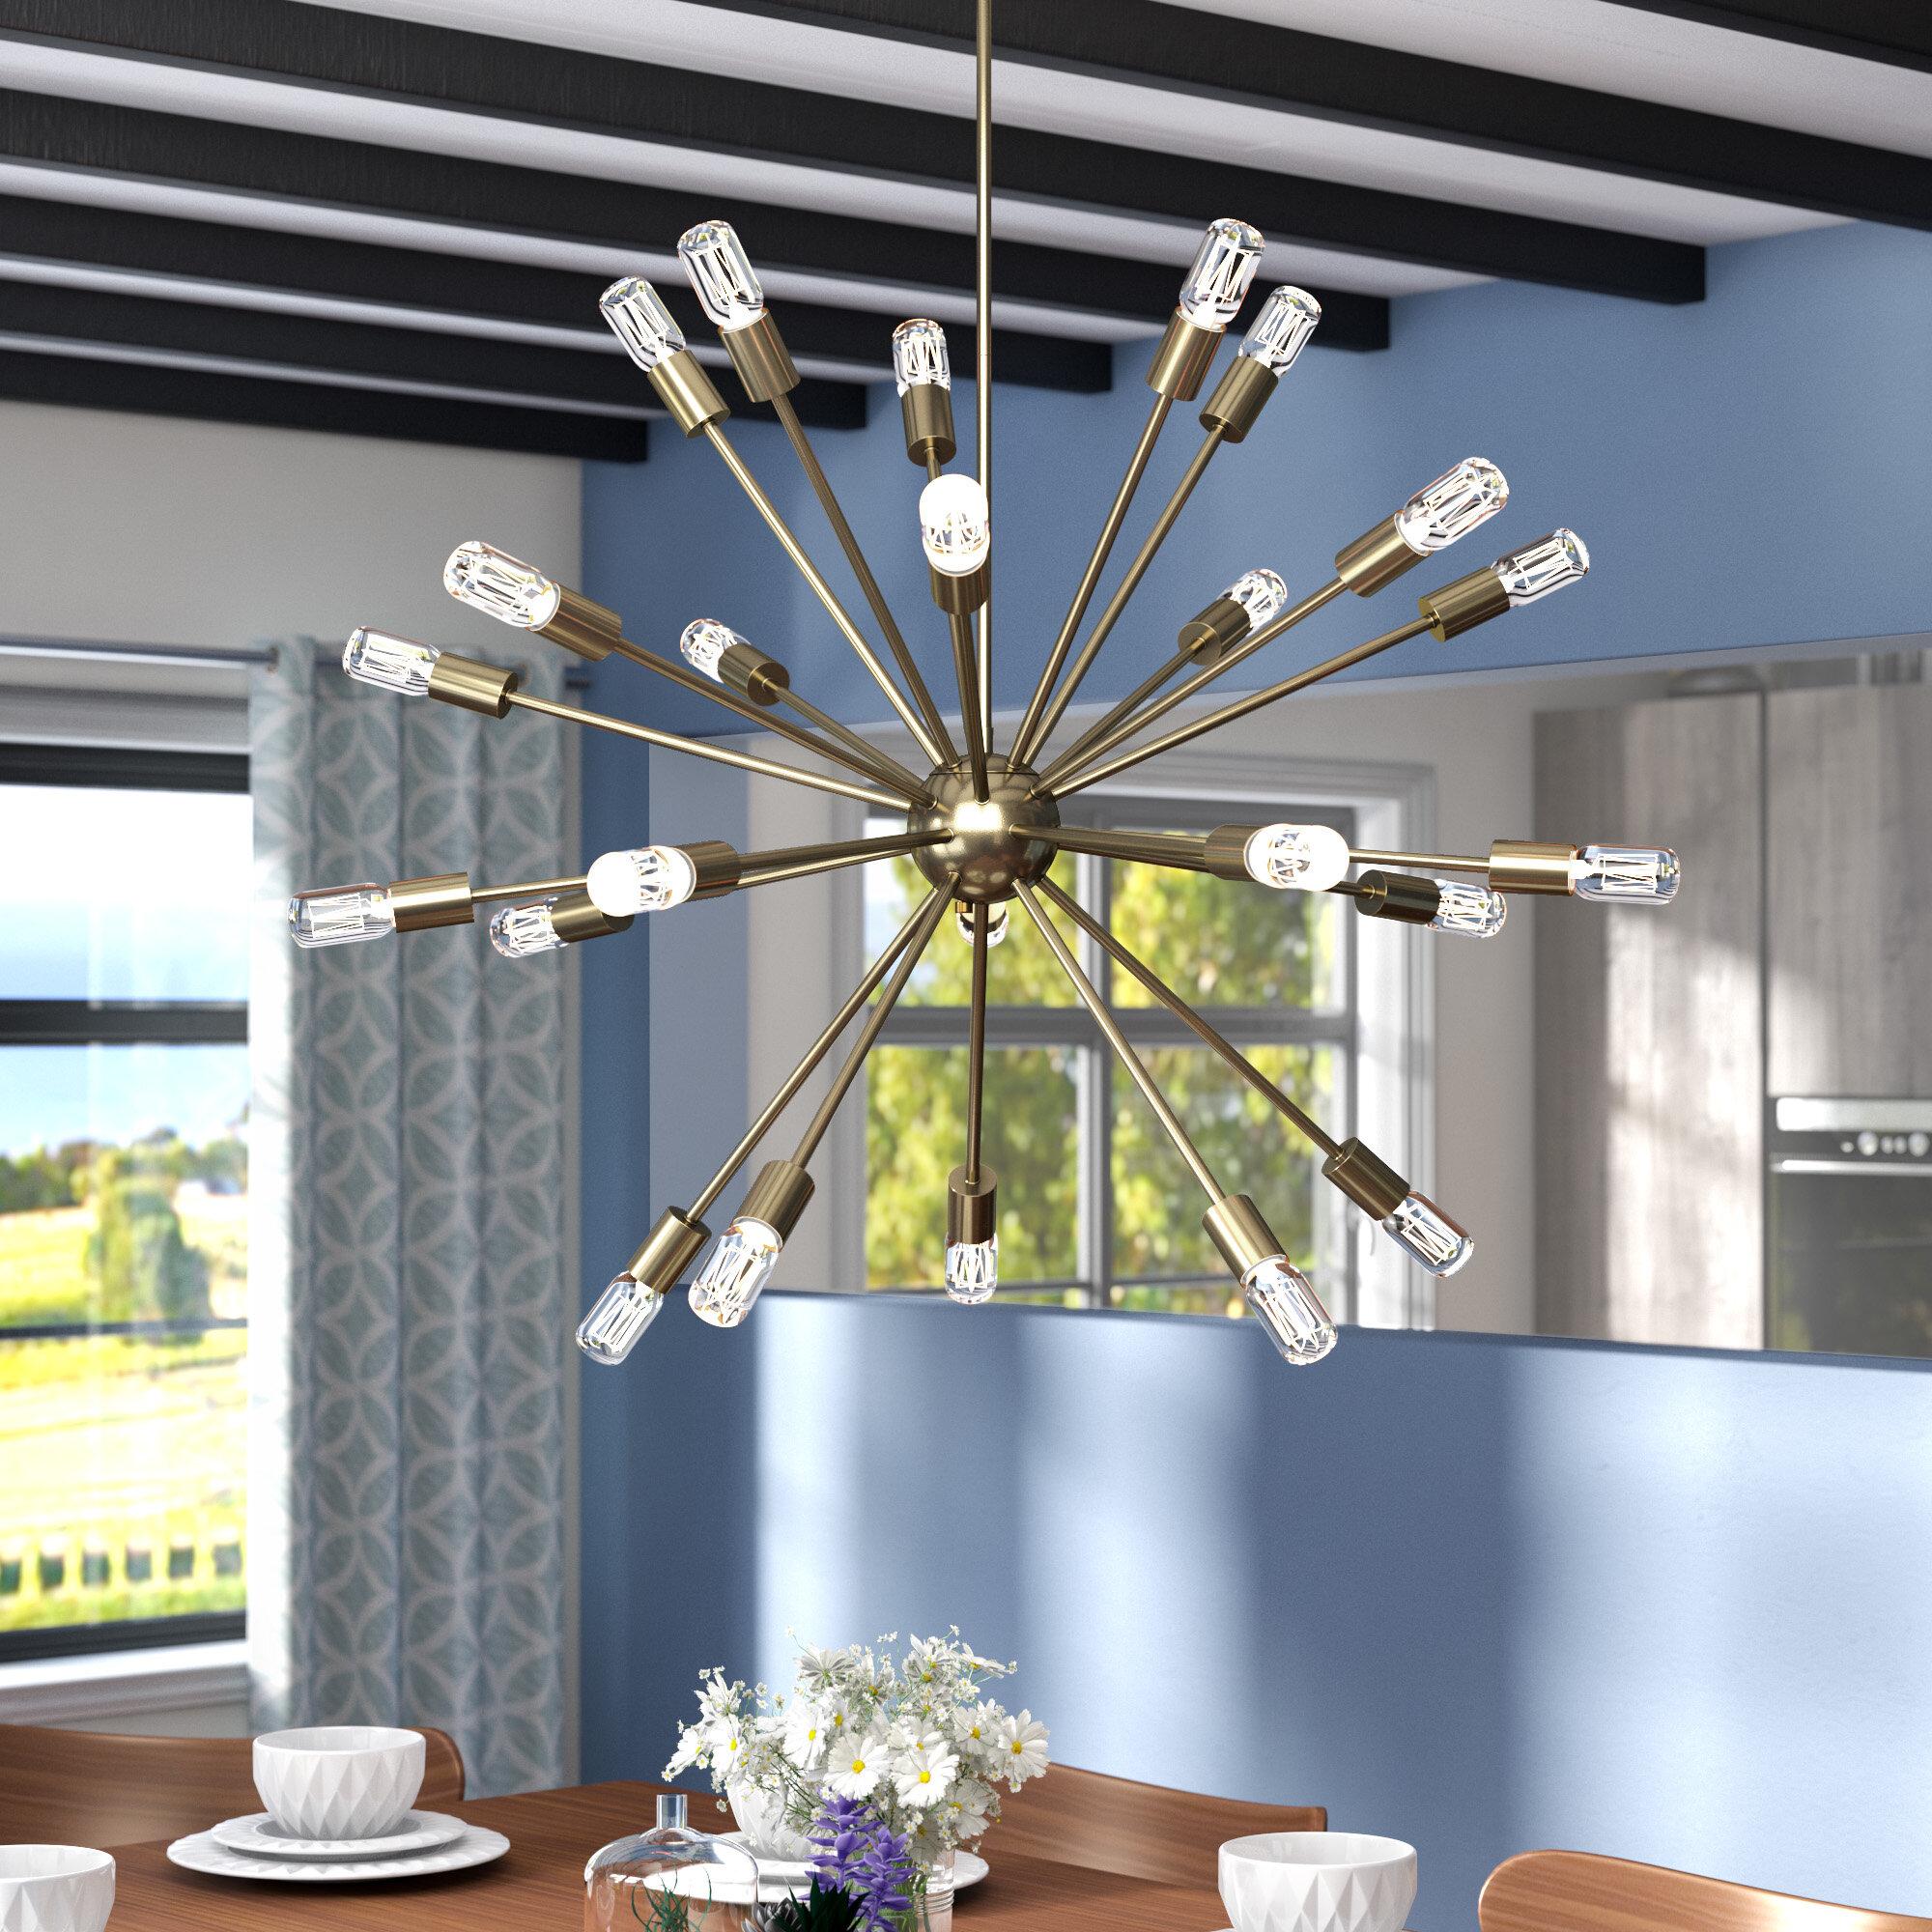 & Langley Street Kendall 24-Light Chandelier u0026 Reviews | Wayfair